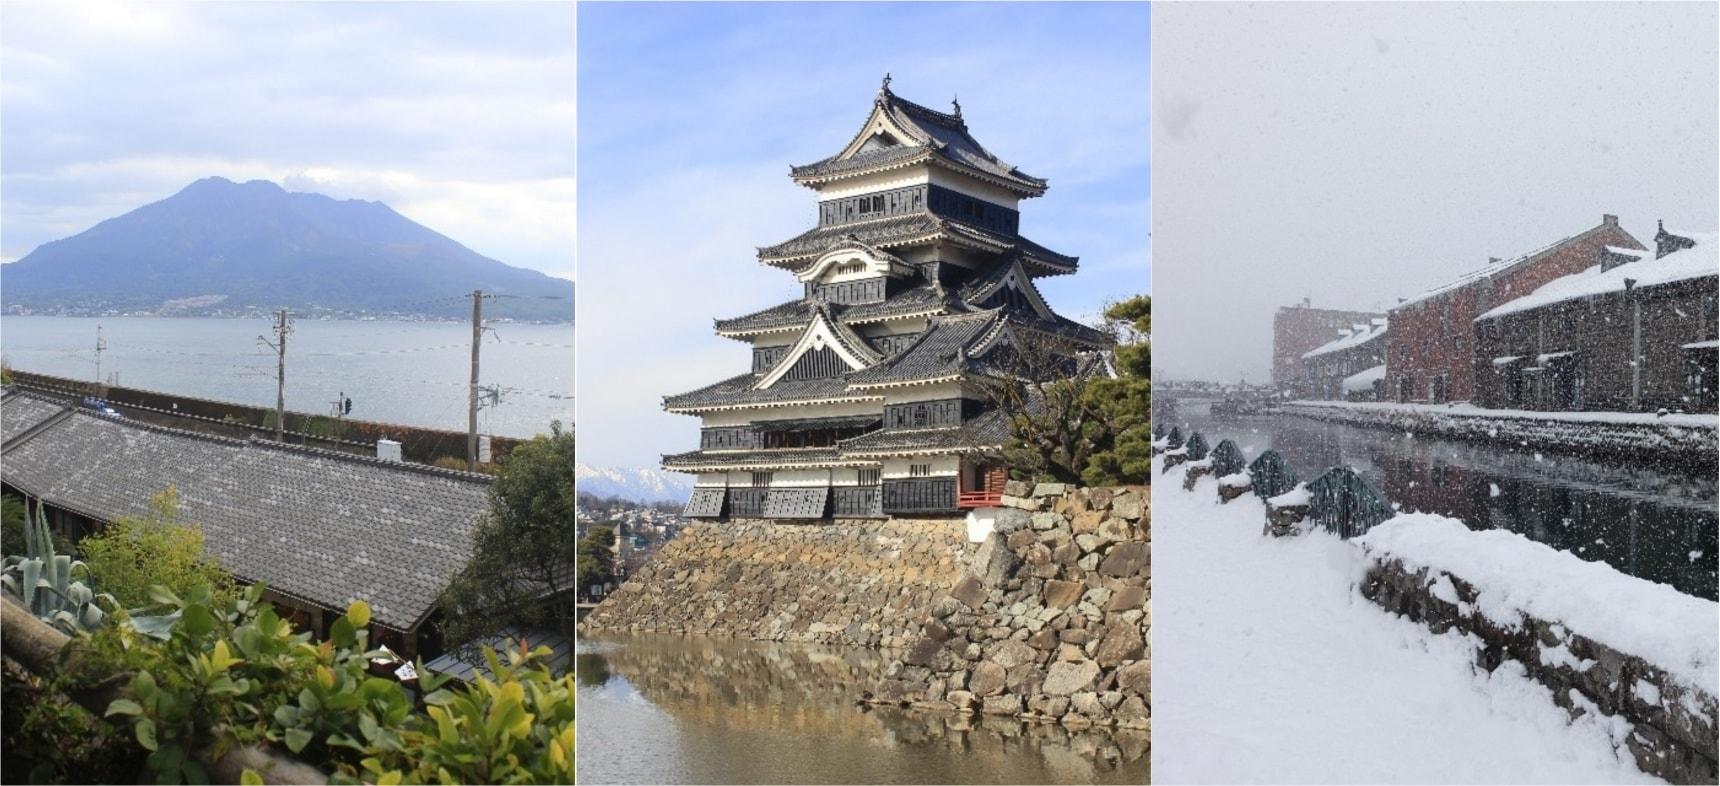 縱貫日本超廣域旅行│鹿兒島、松本到札幌的跨季夢幻之旅